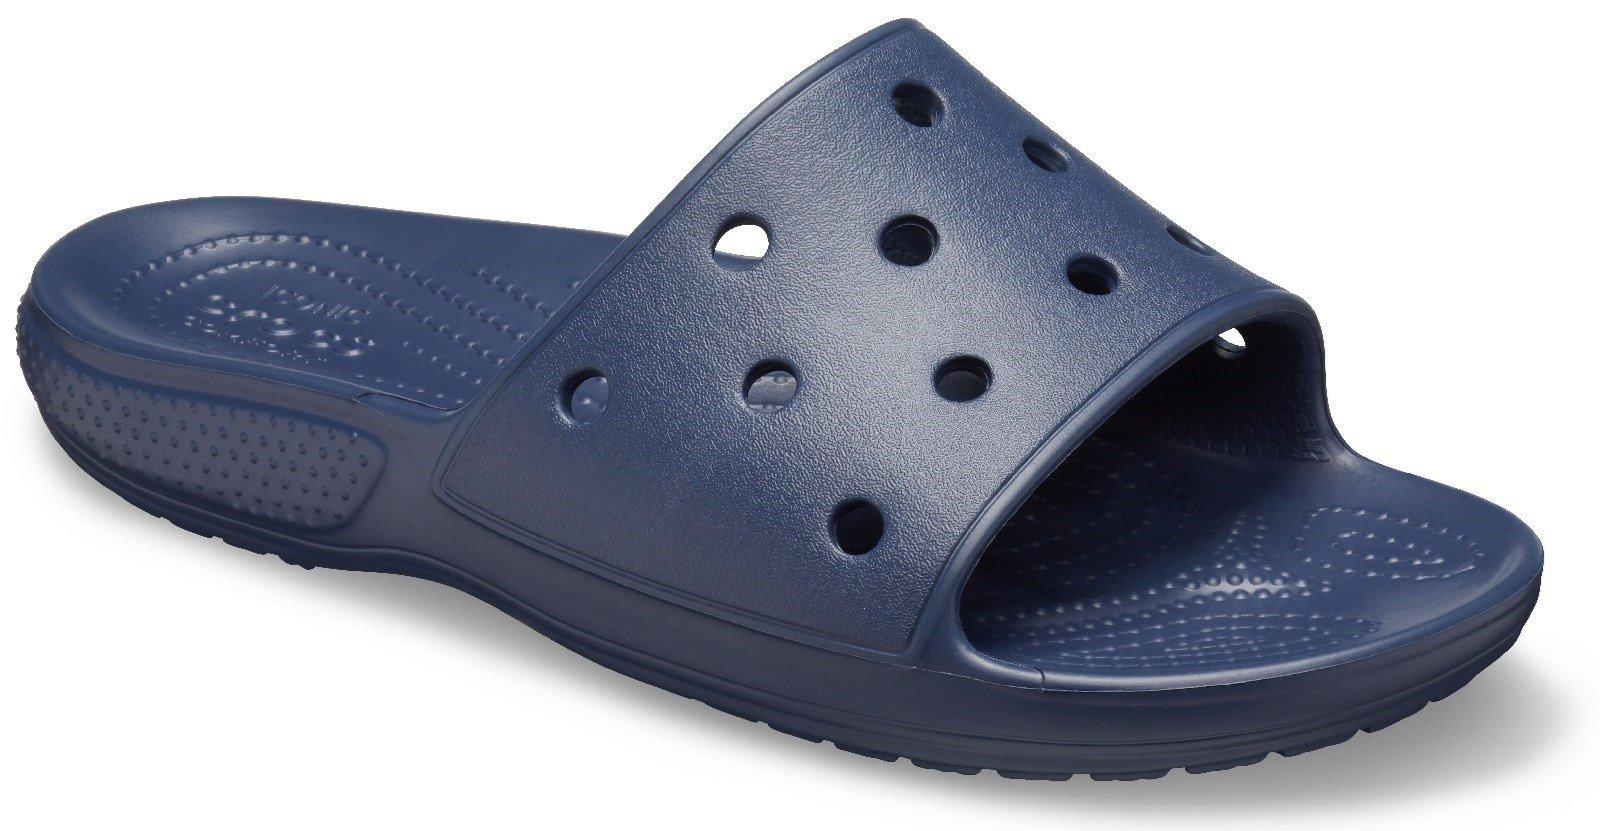 Crocs Unisex Classic Crocs Slide Sandal Various Colours 30608 - Navy 3